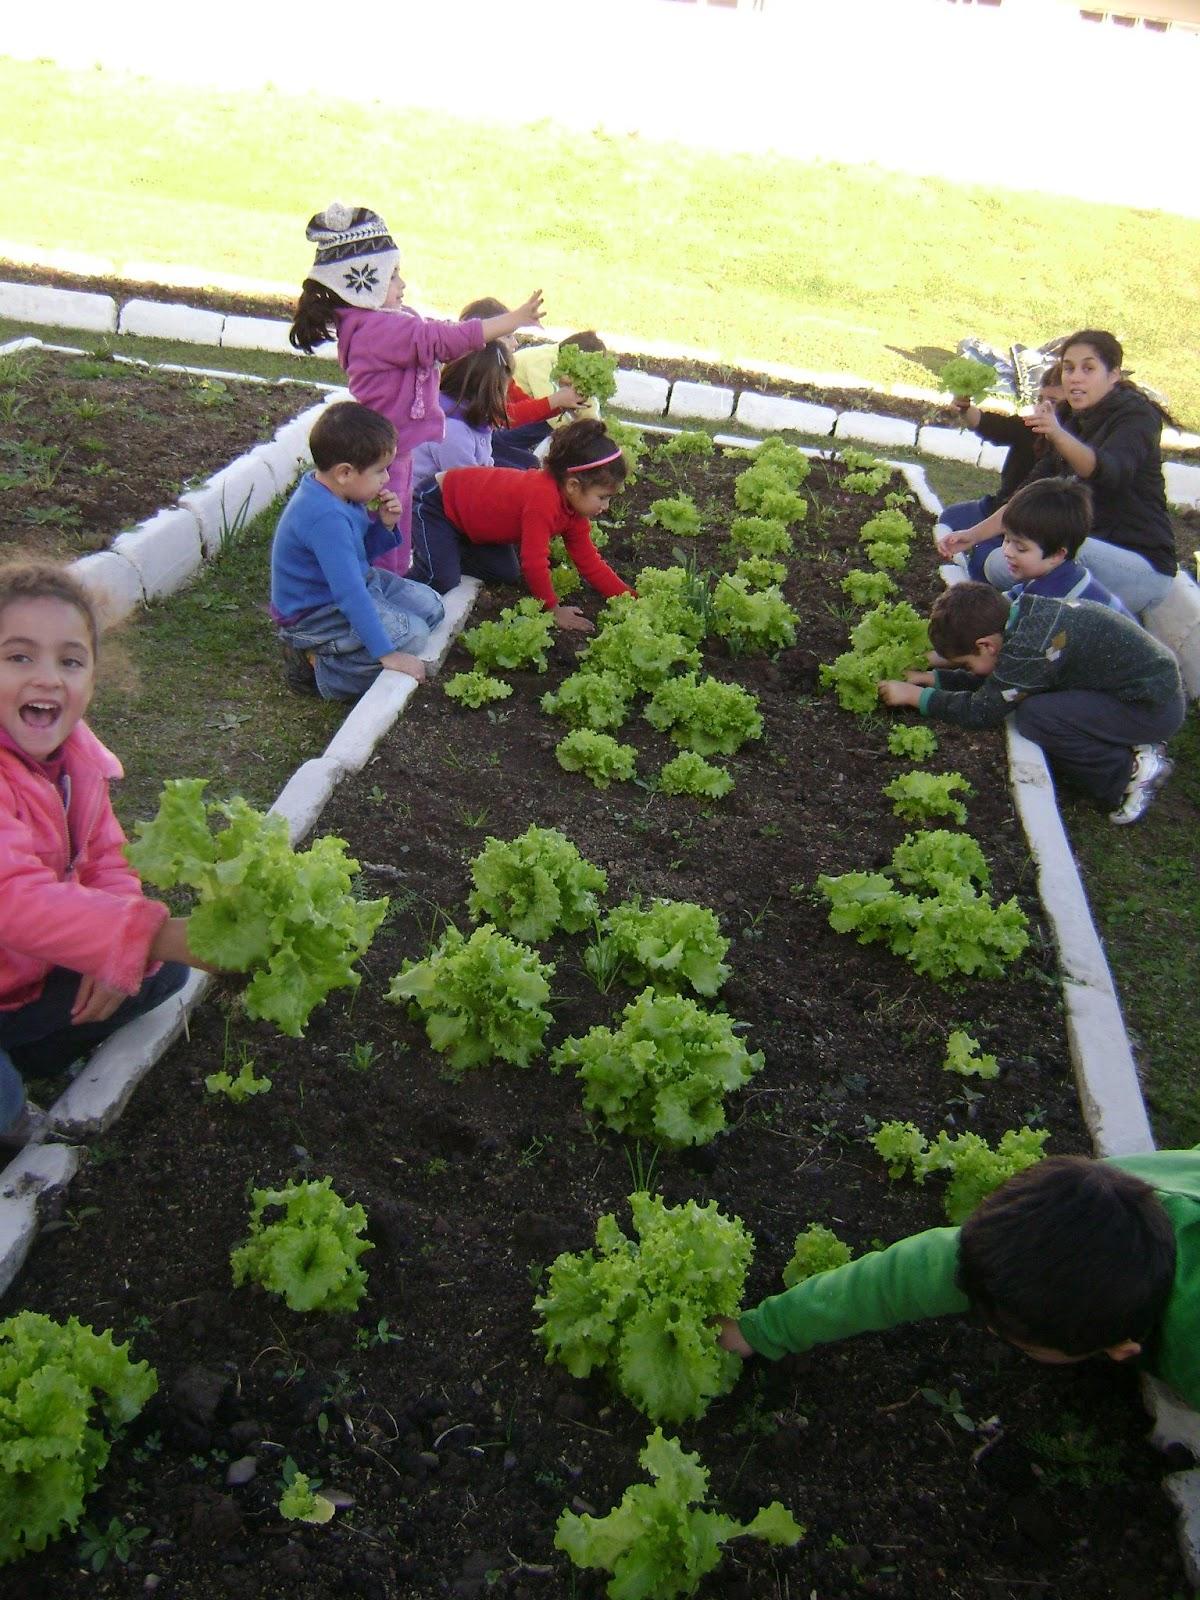 horta jardim e pomar:Carahá de Cara Nova: Horta, pomar e jardim do CEIM Profª Valéria